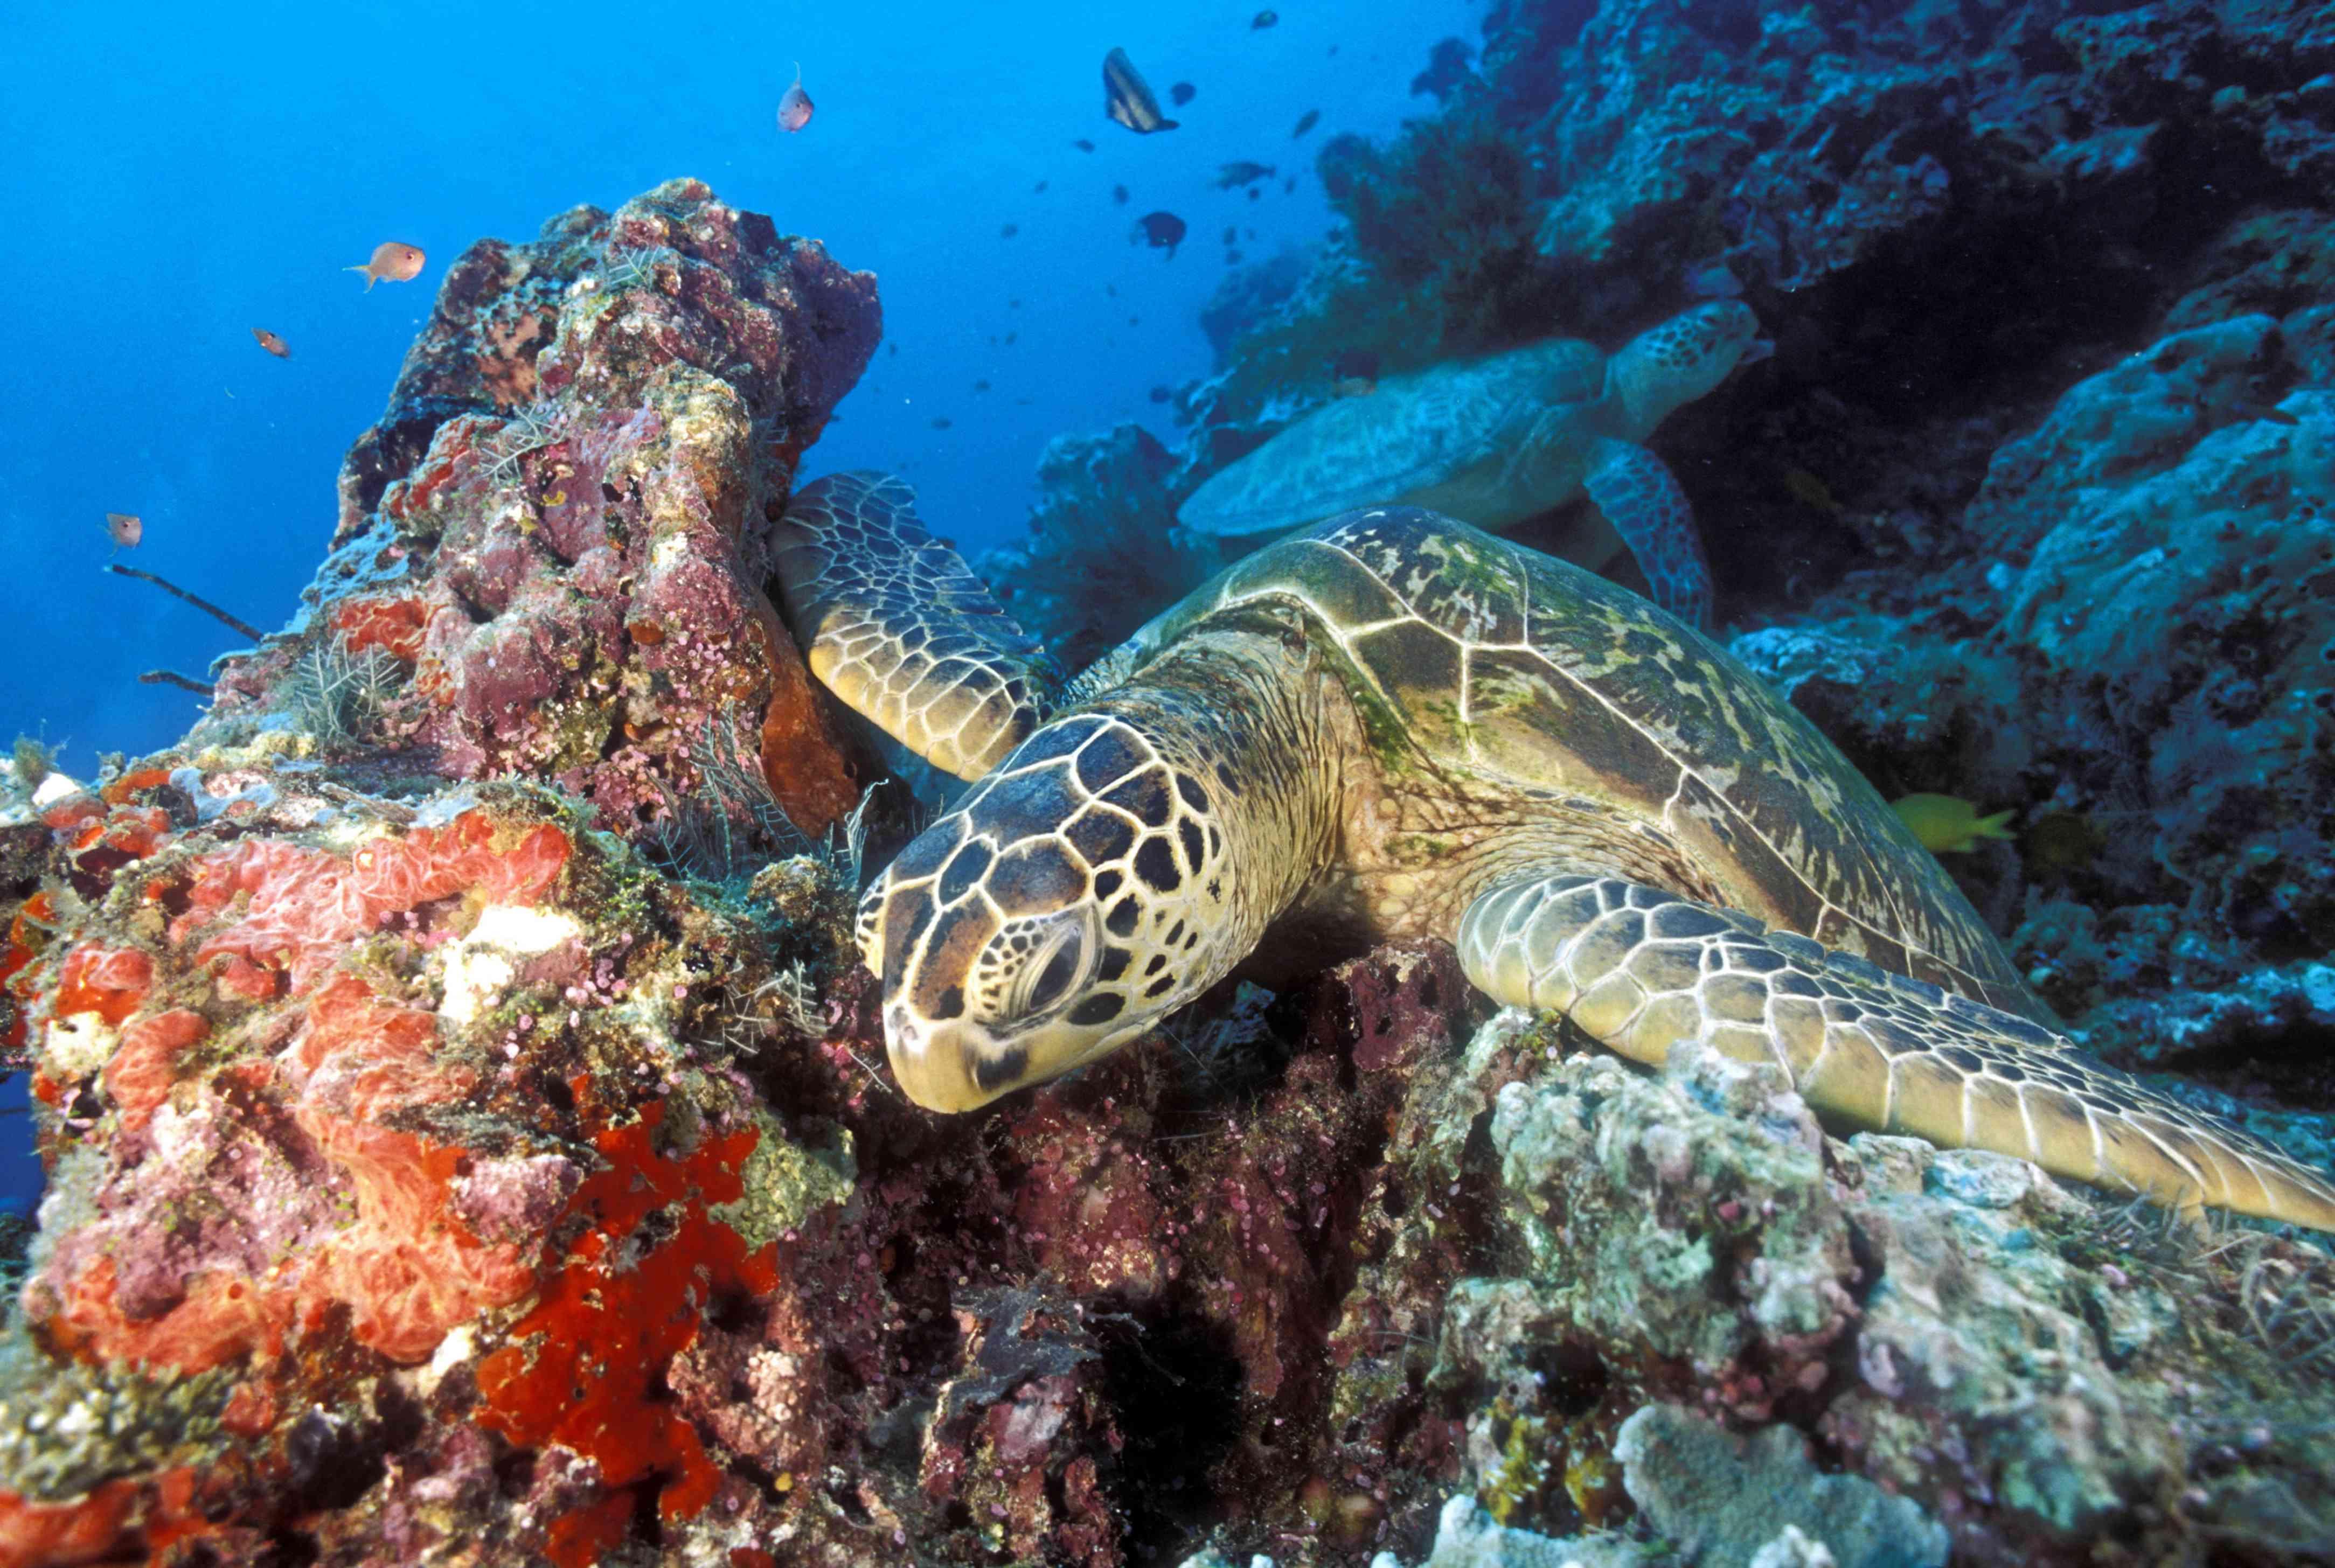 A sea turtle on the reef at Sipadan Island, Borneo